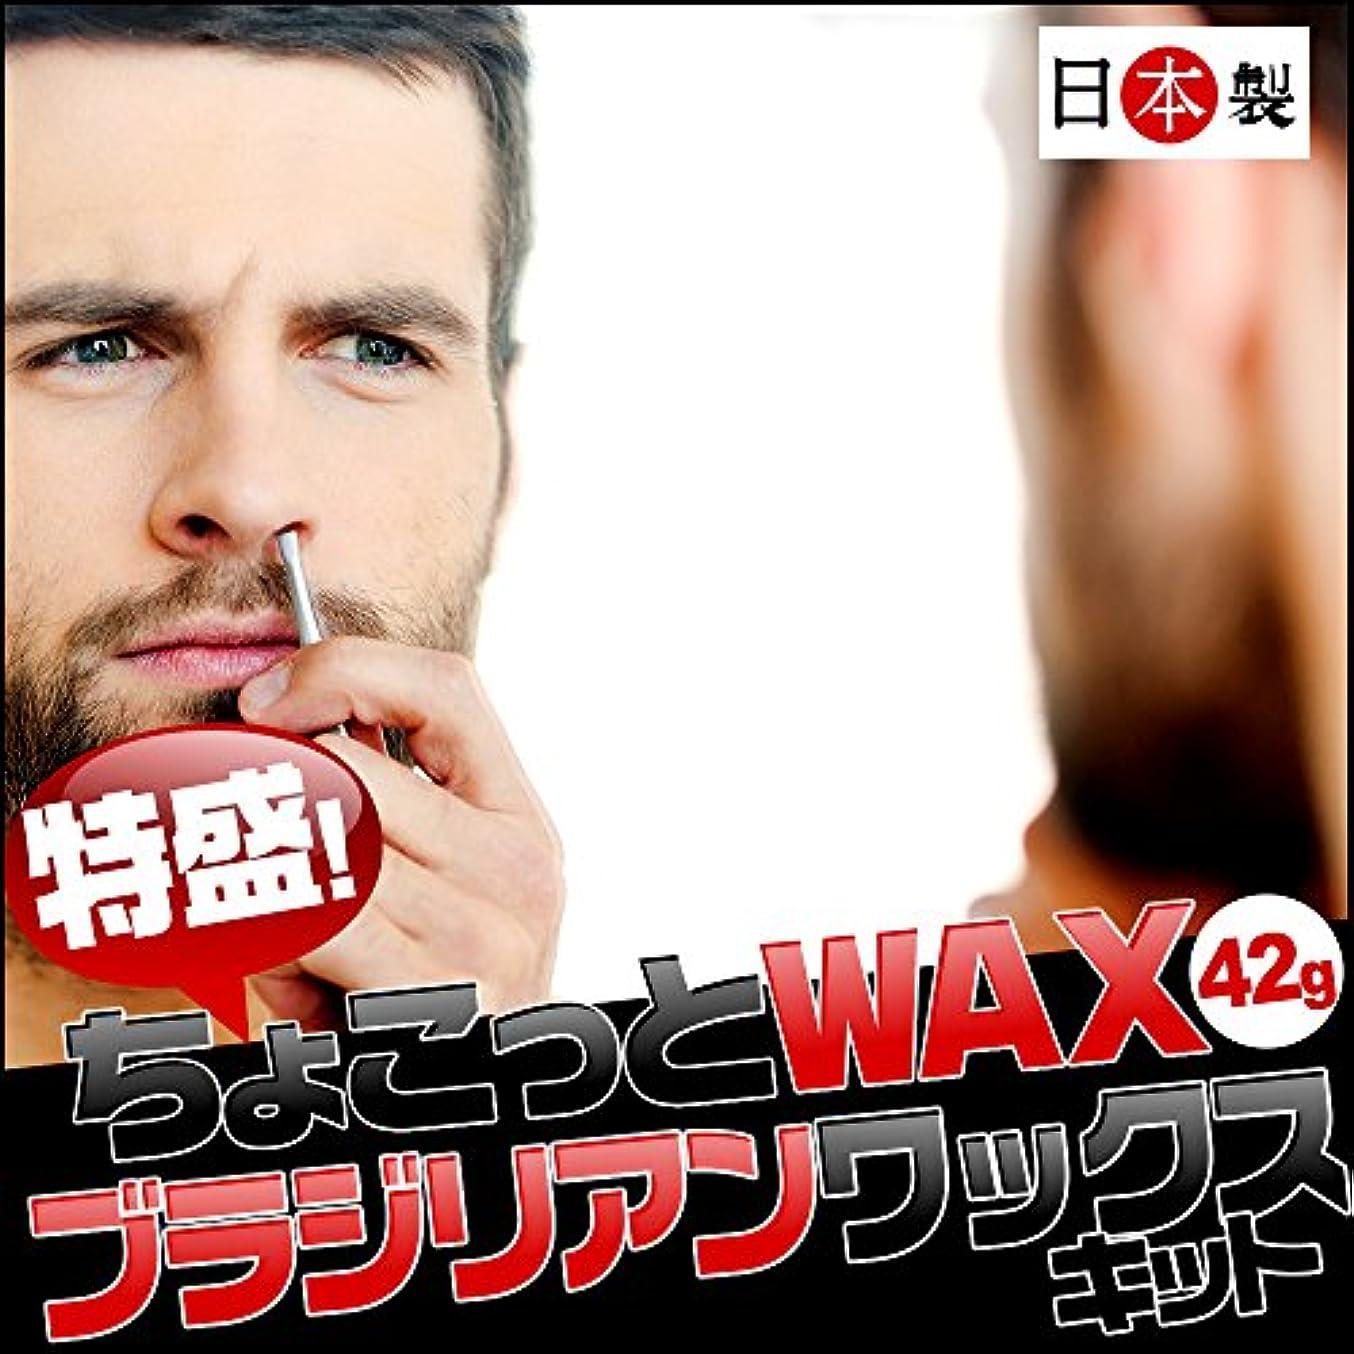 中央値死すべきむしろ日本製ワックスで安心!鼻毛脱毛  特盛  ちょこっとWax 6回分 (鼻毛スティック12本)